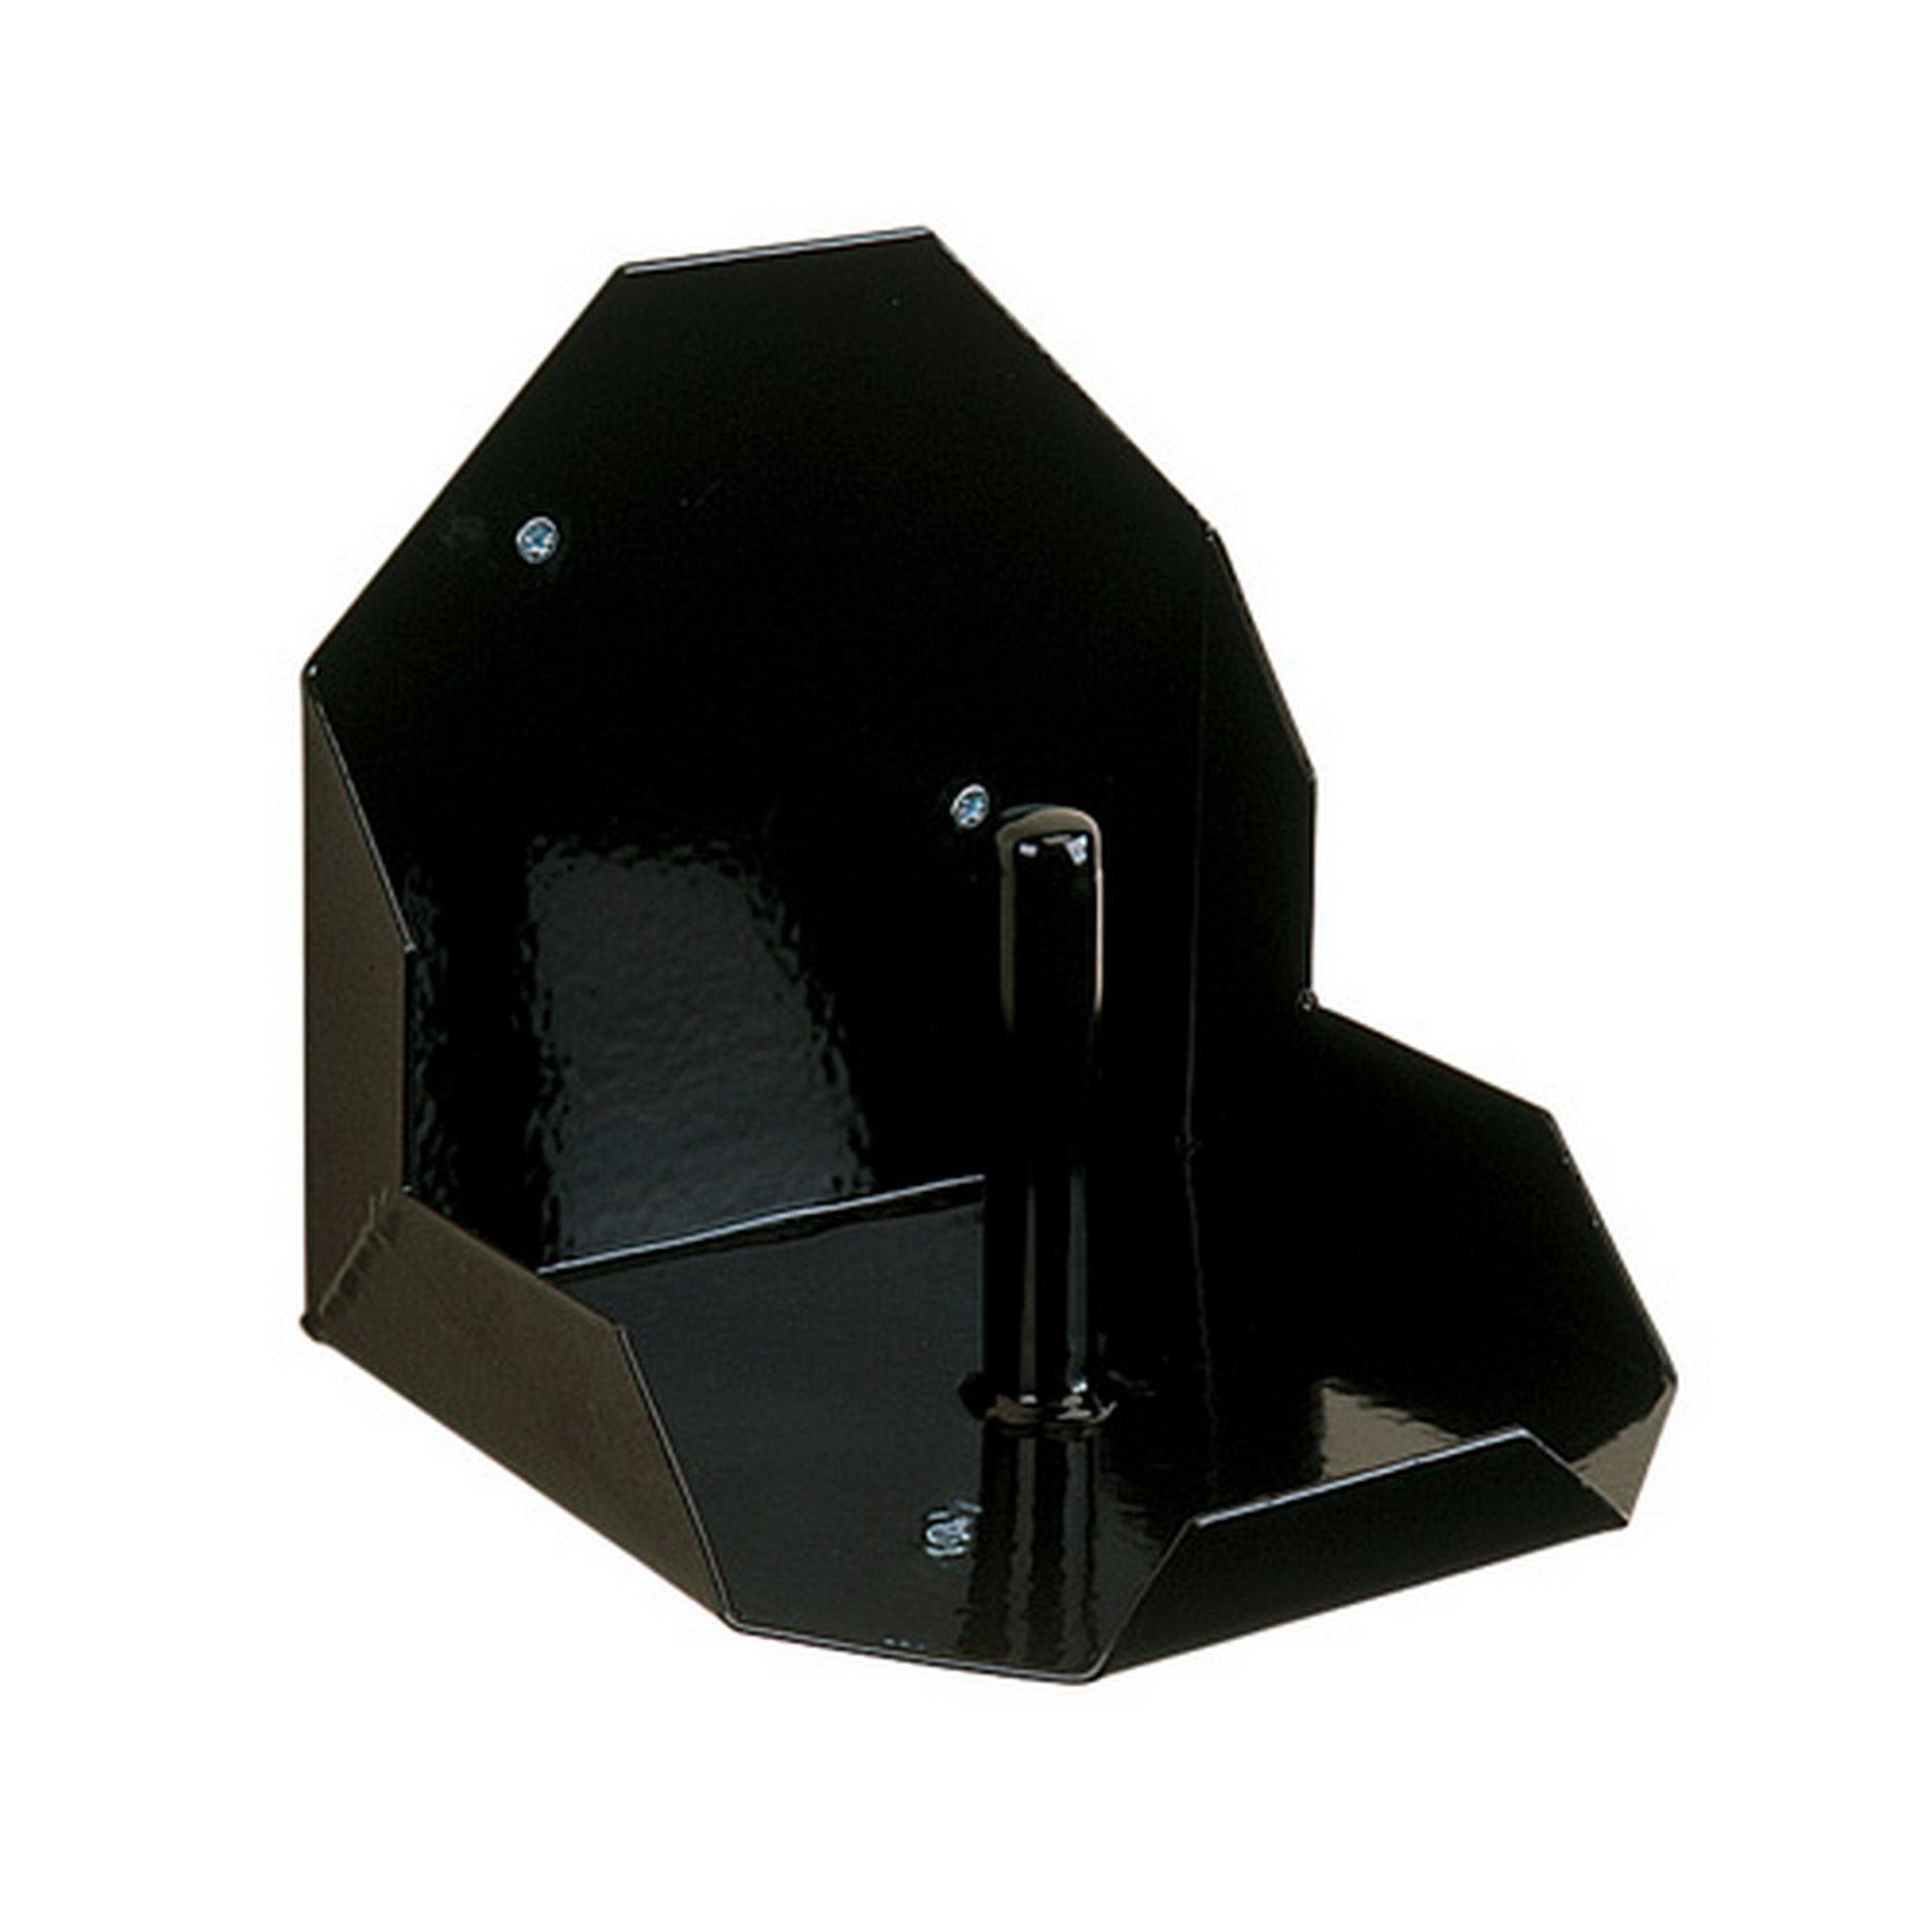 Stubbs Round Salt Lick Holder (One Size) (Black)